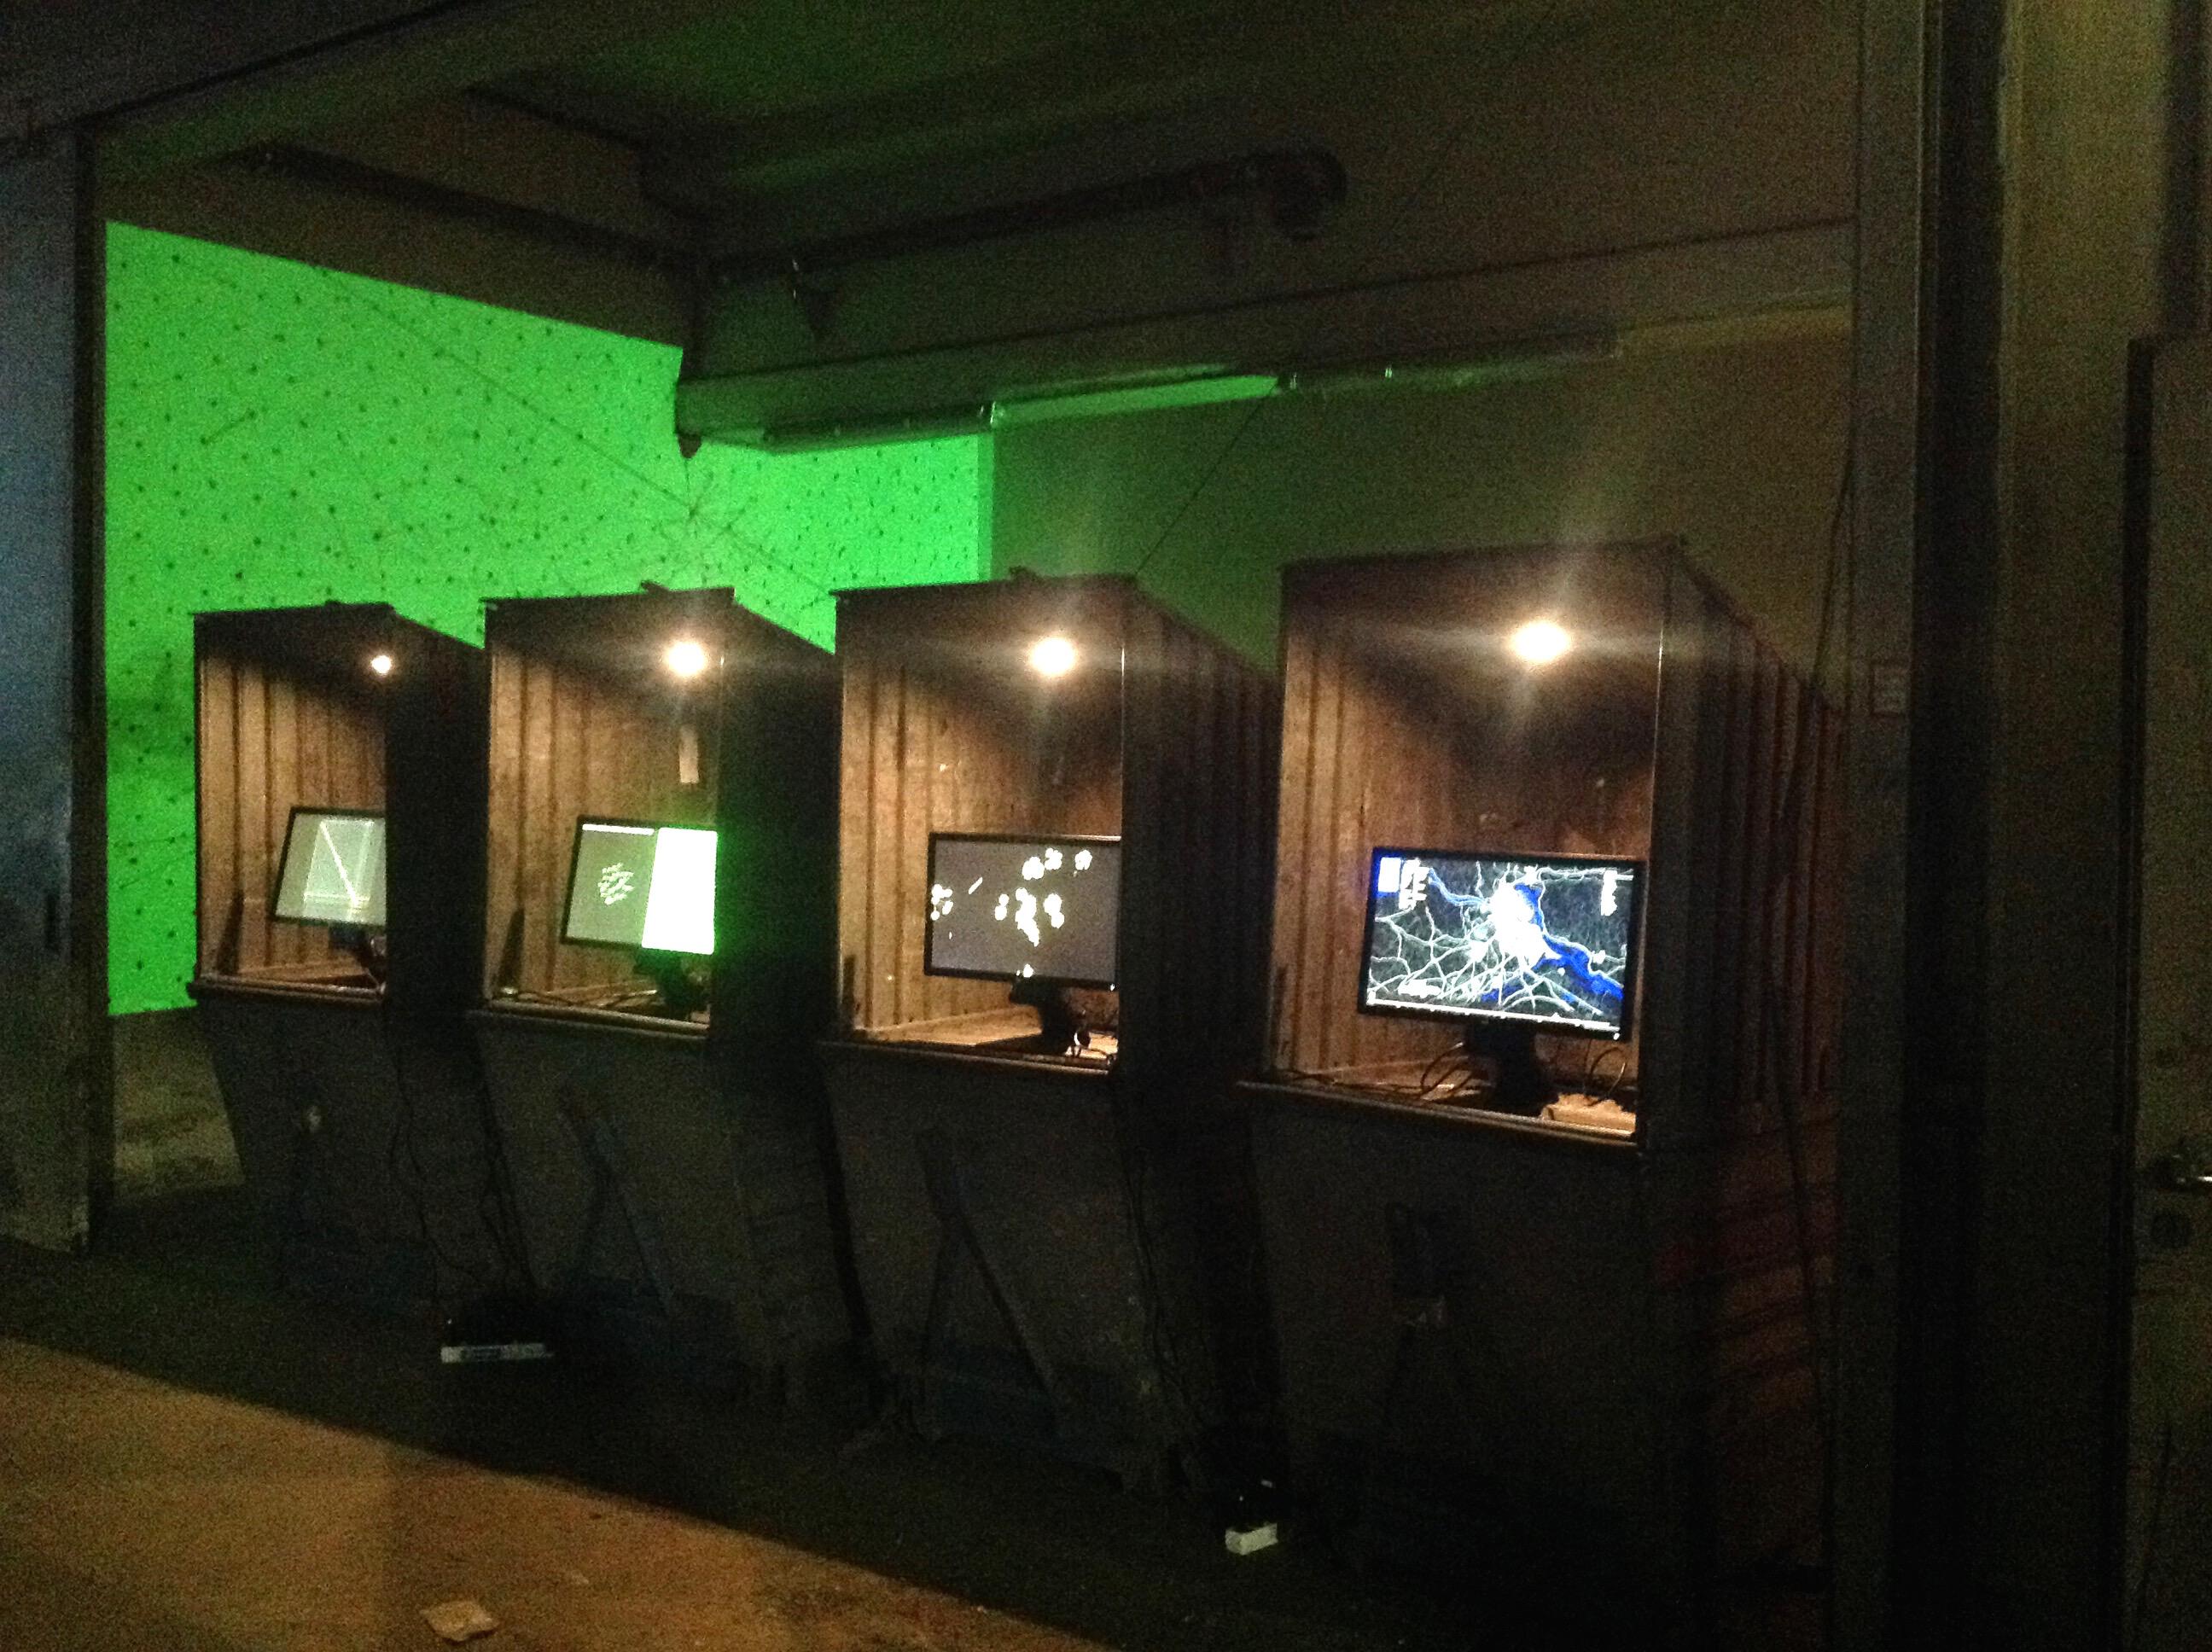 Myriads, the exhibit